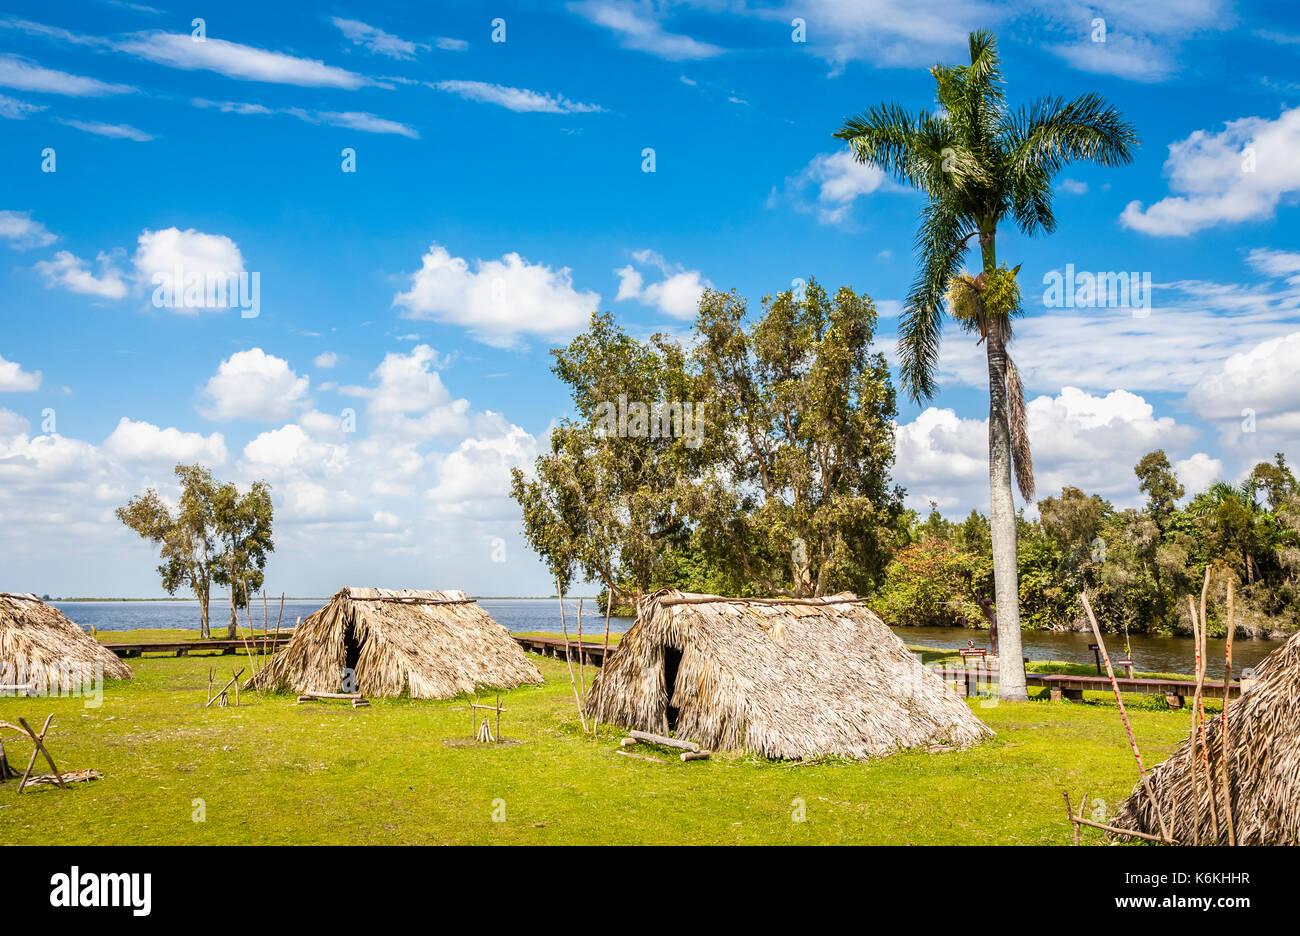 Guama, which includes La Aldea Taina, a reconstructed pre-Columbian village, Laguno del Teroso, on the west coast of Cuba - Stock Image